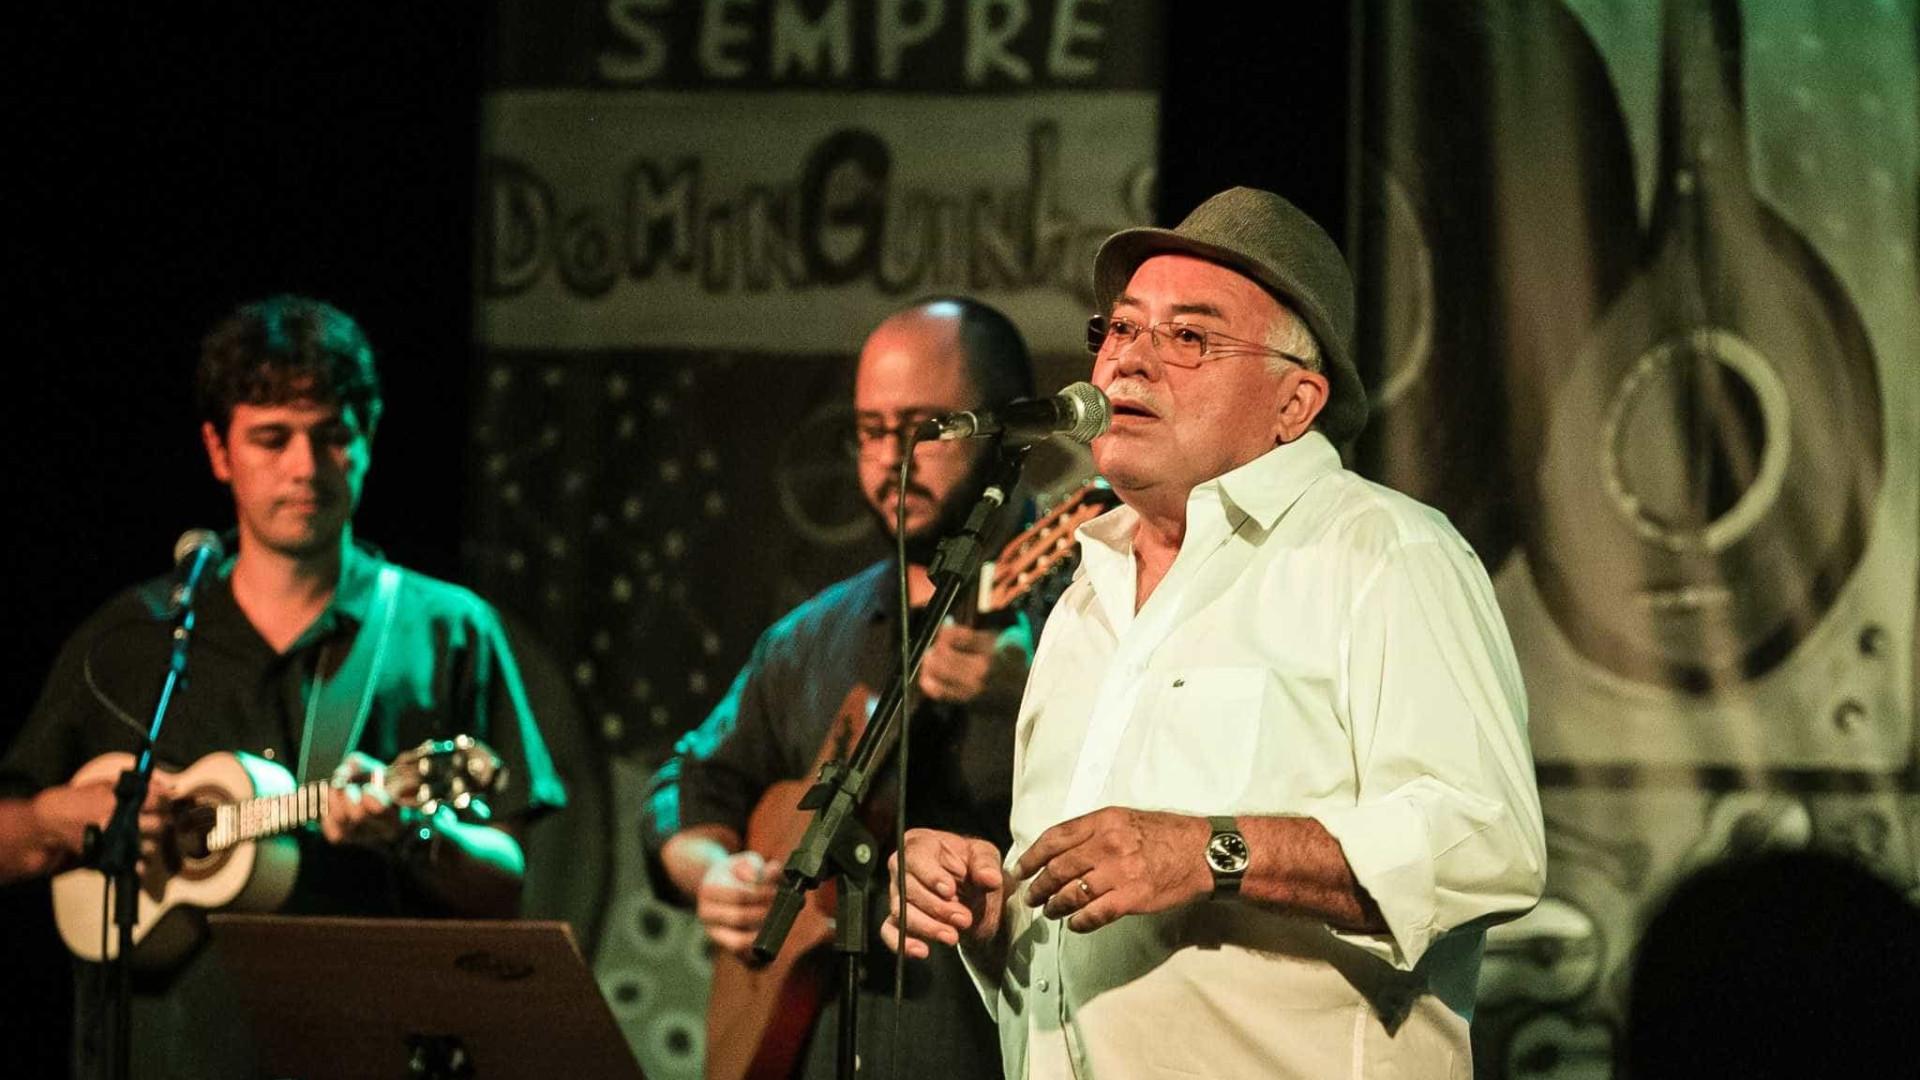 Morre o compositor Chico Salles, ícone de forró, samba e cordel